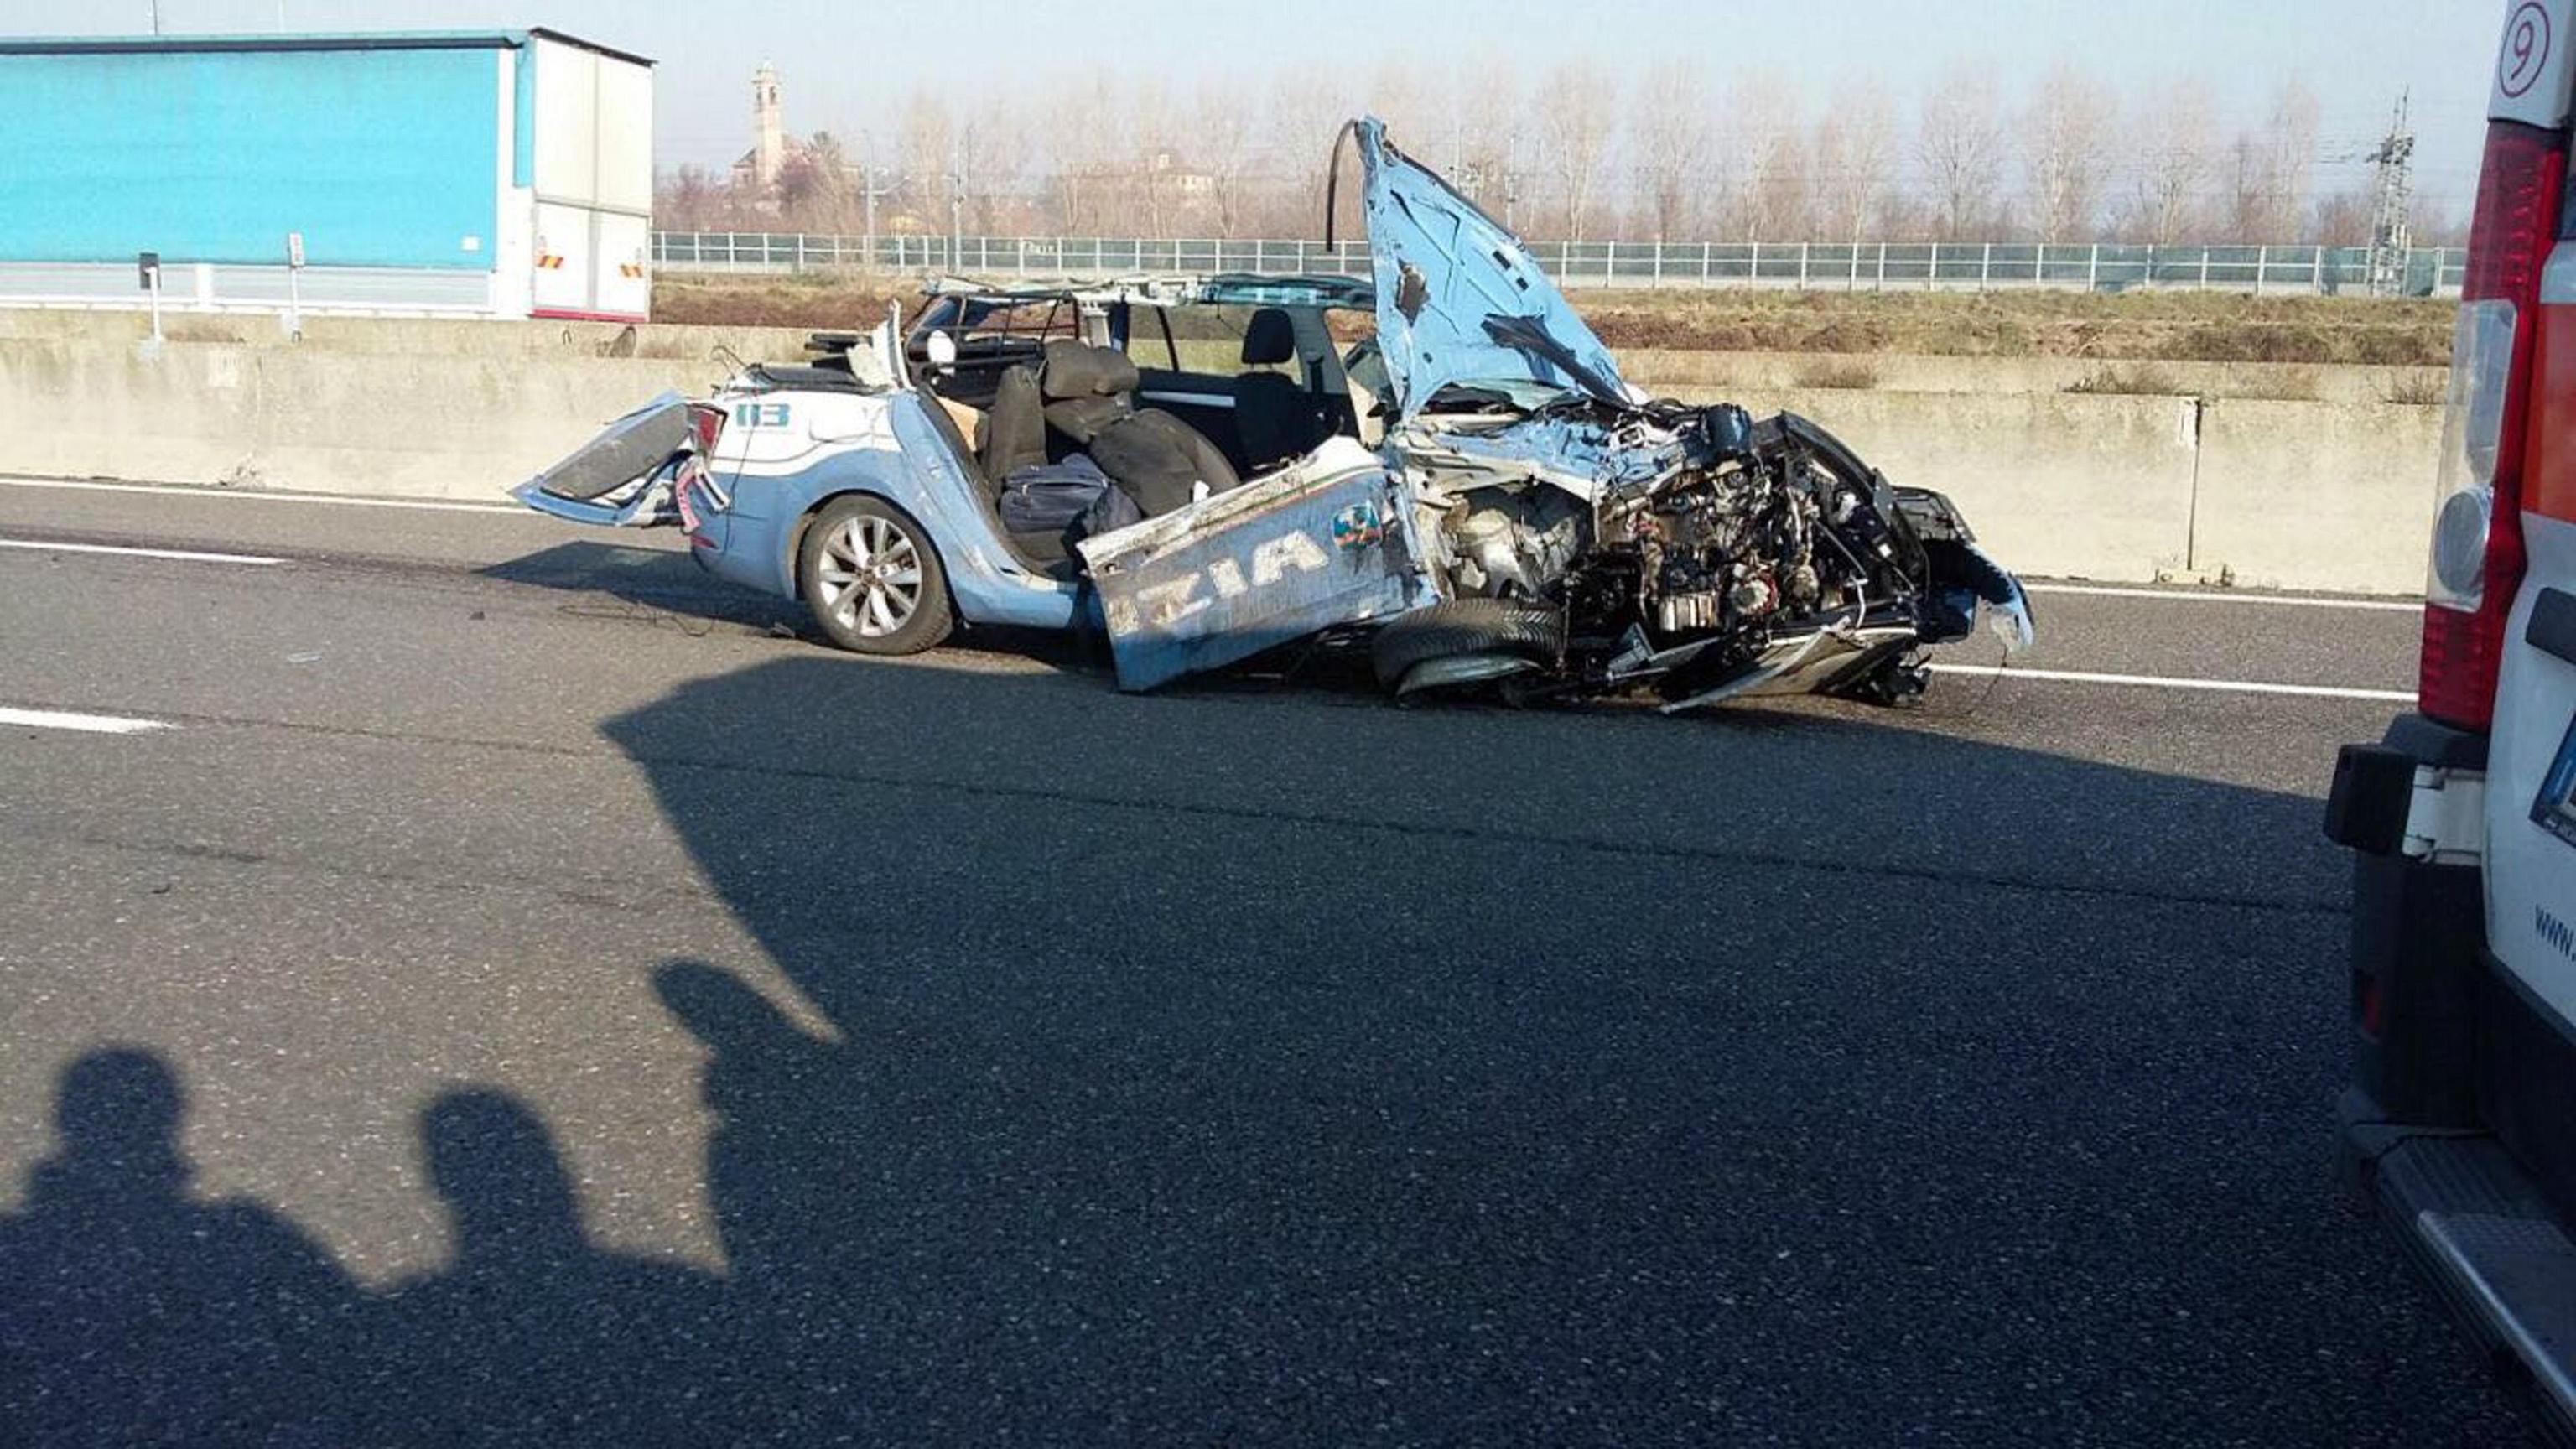 Poliziotto muore in un incidente sull'A1, post choc su Facebook: 'Buon Natale maledetti poliziotti'